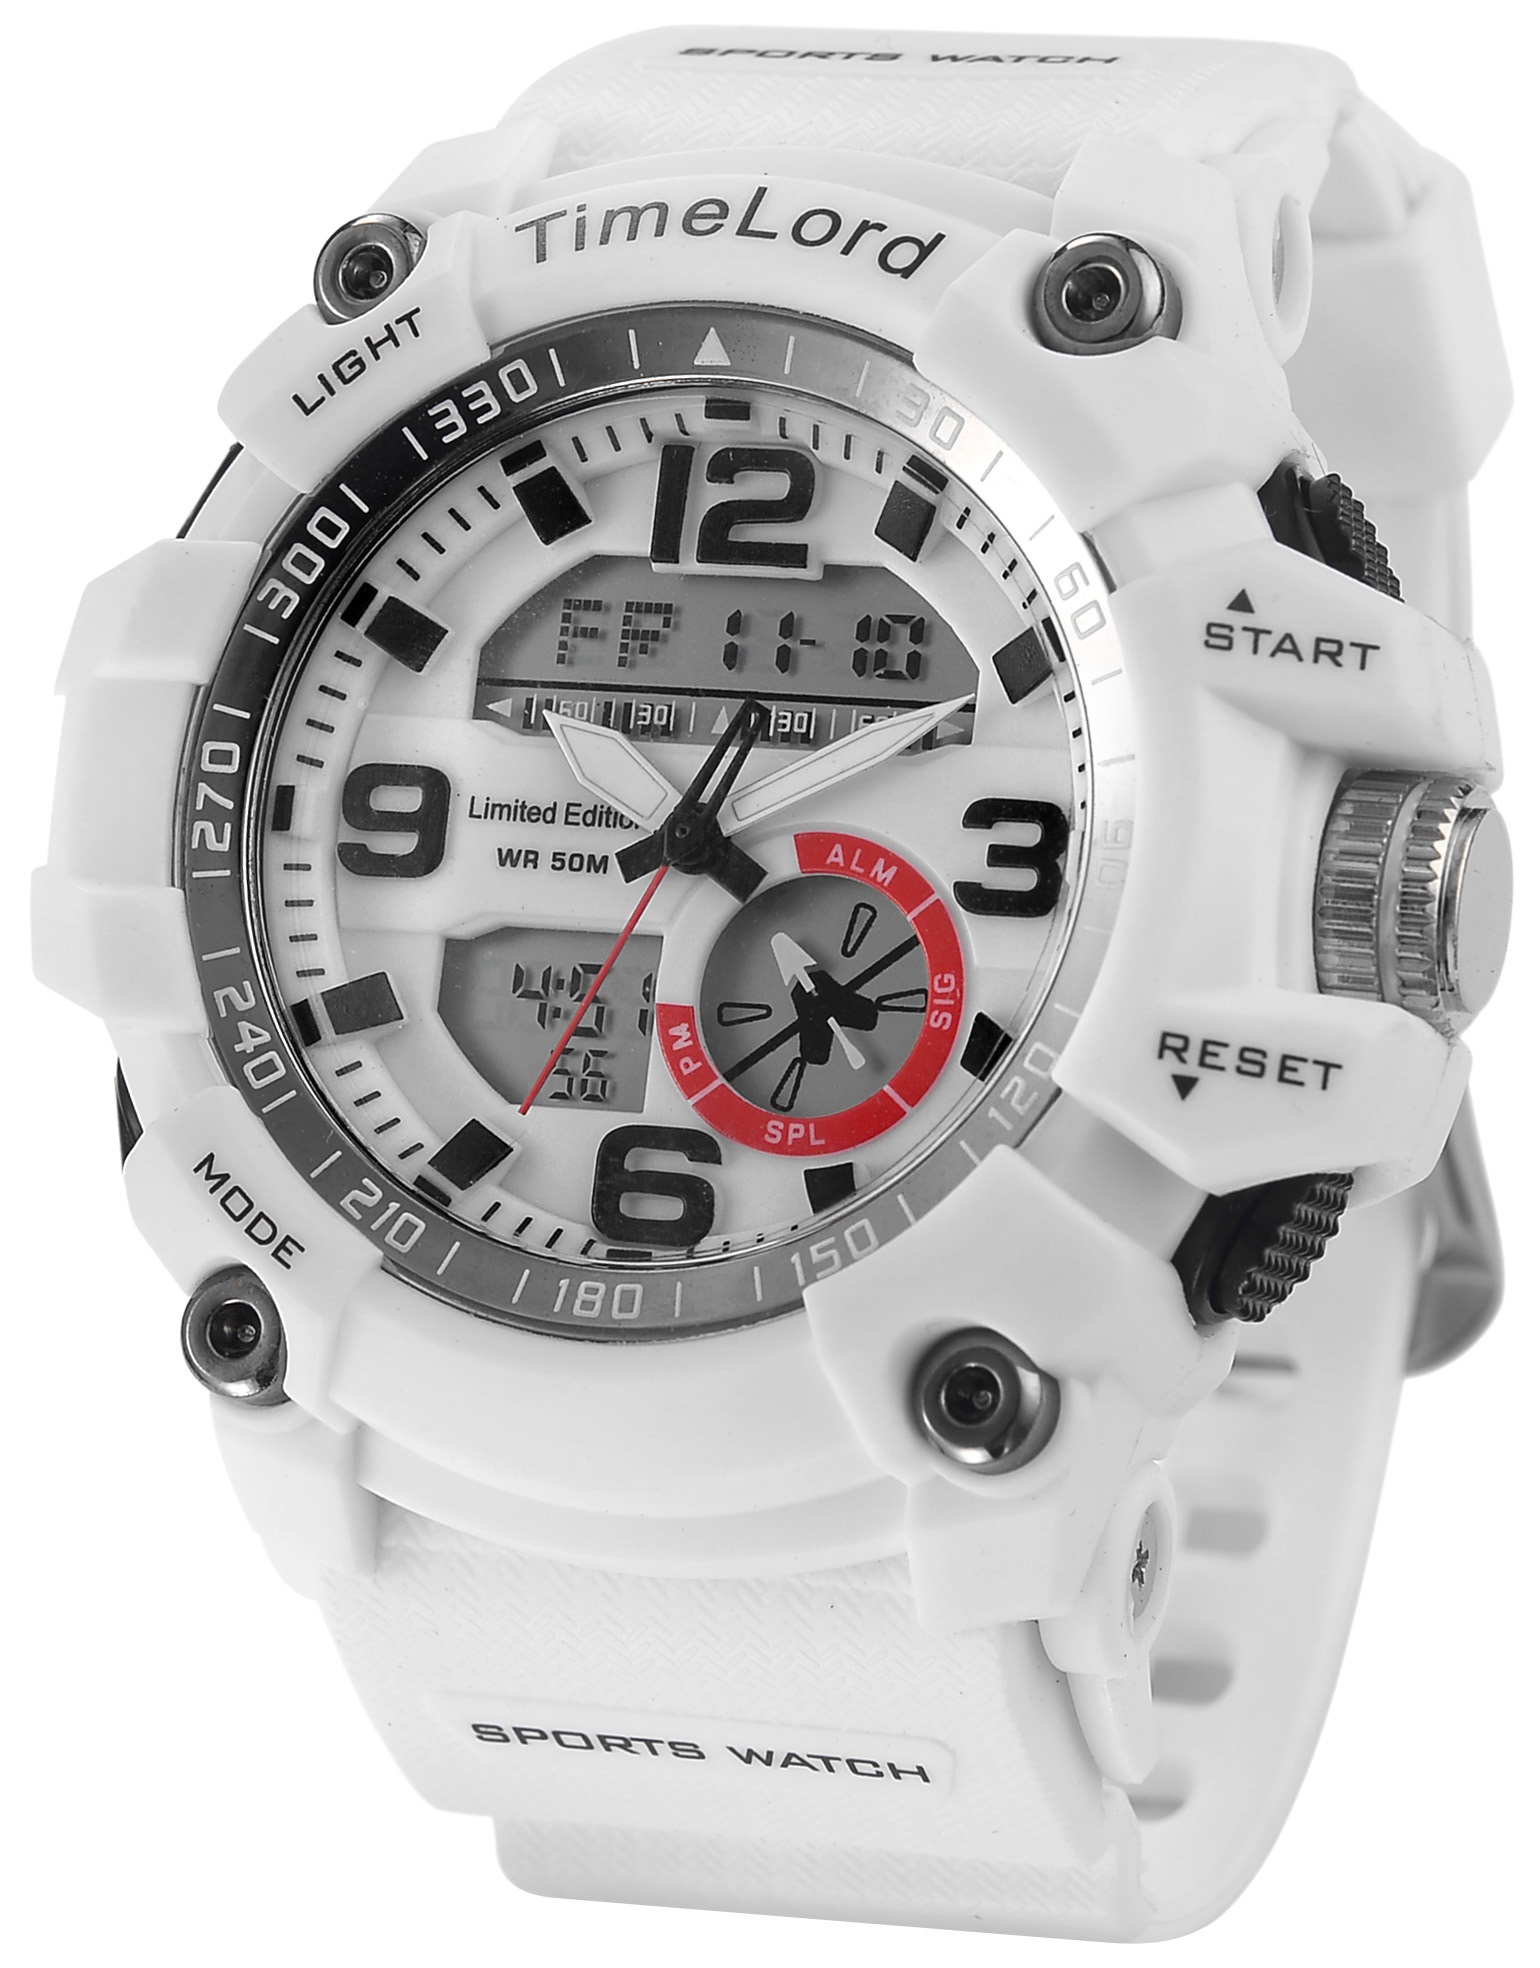 Damski Zegarek Sportowy TimeLord Biały Ideał HIT